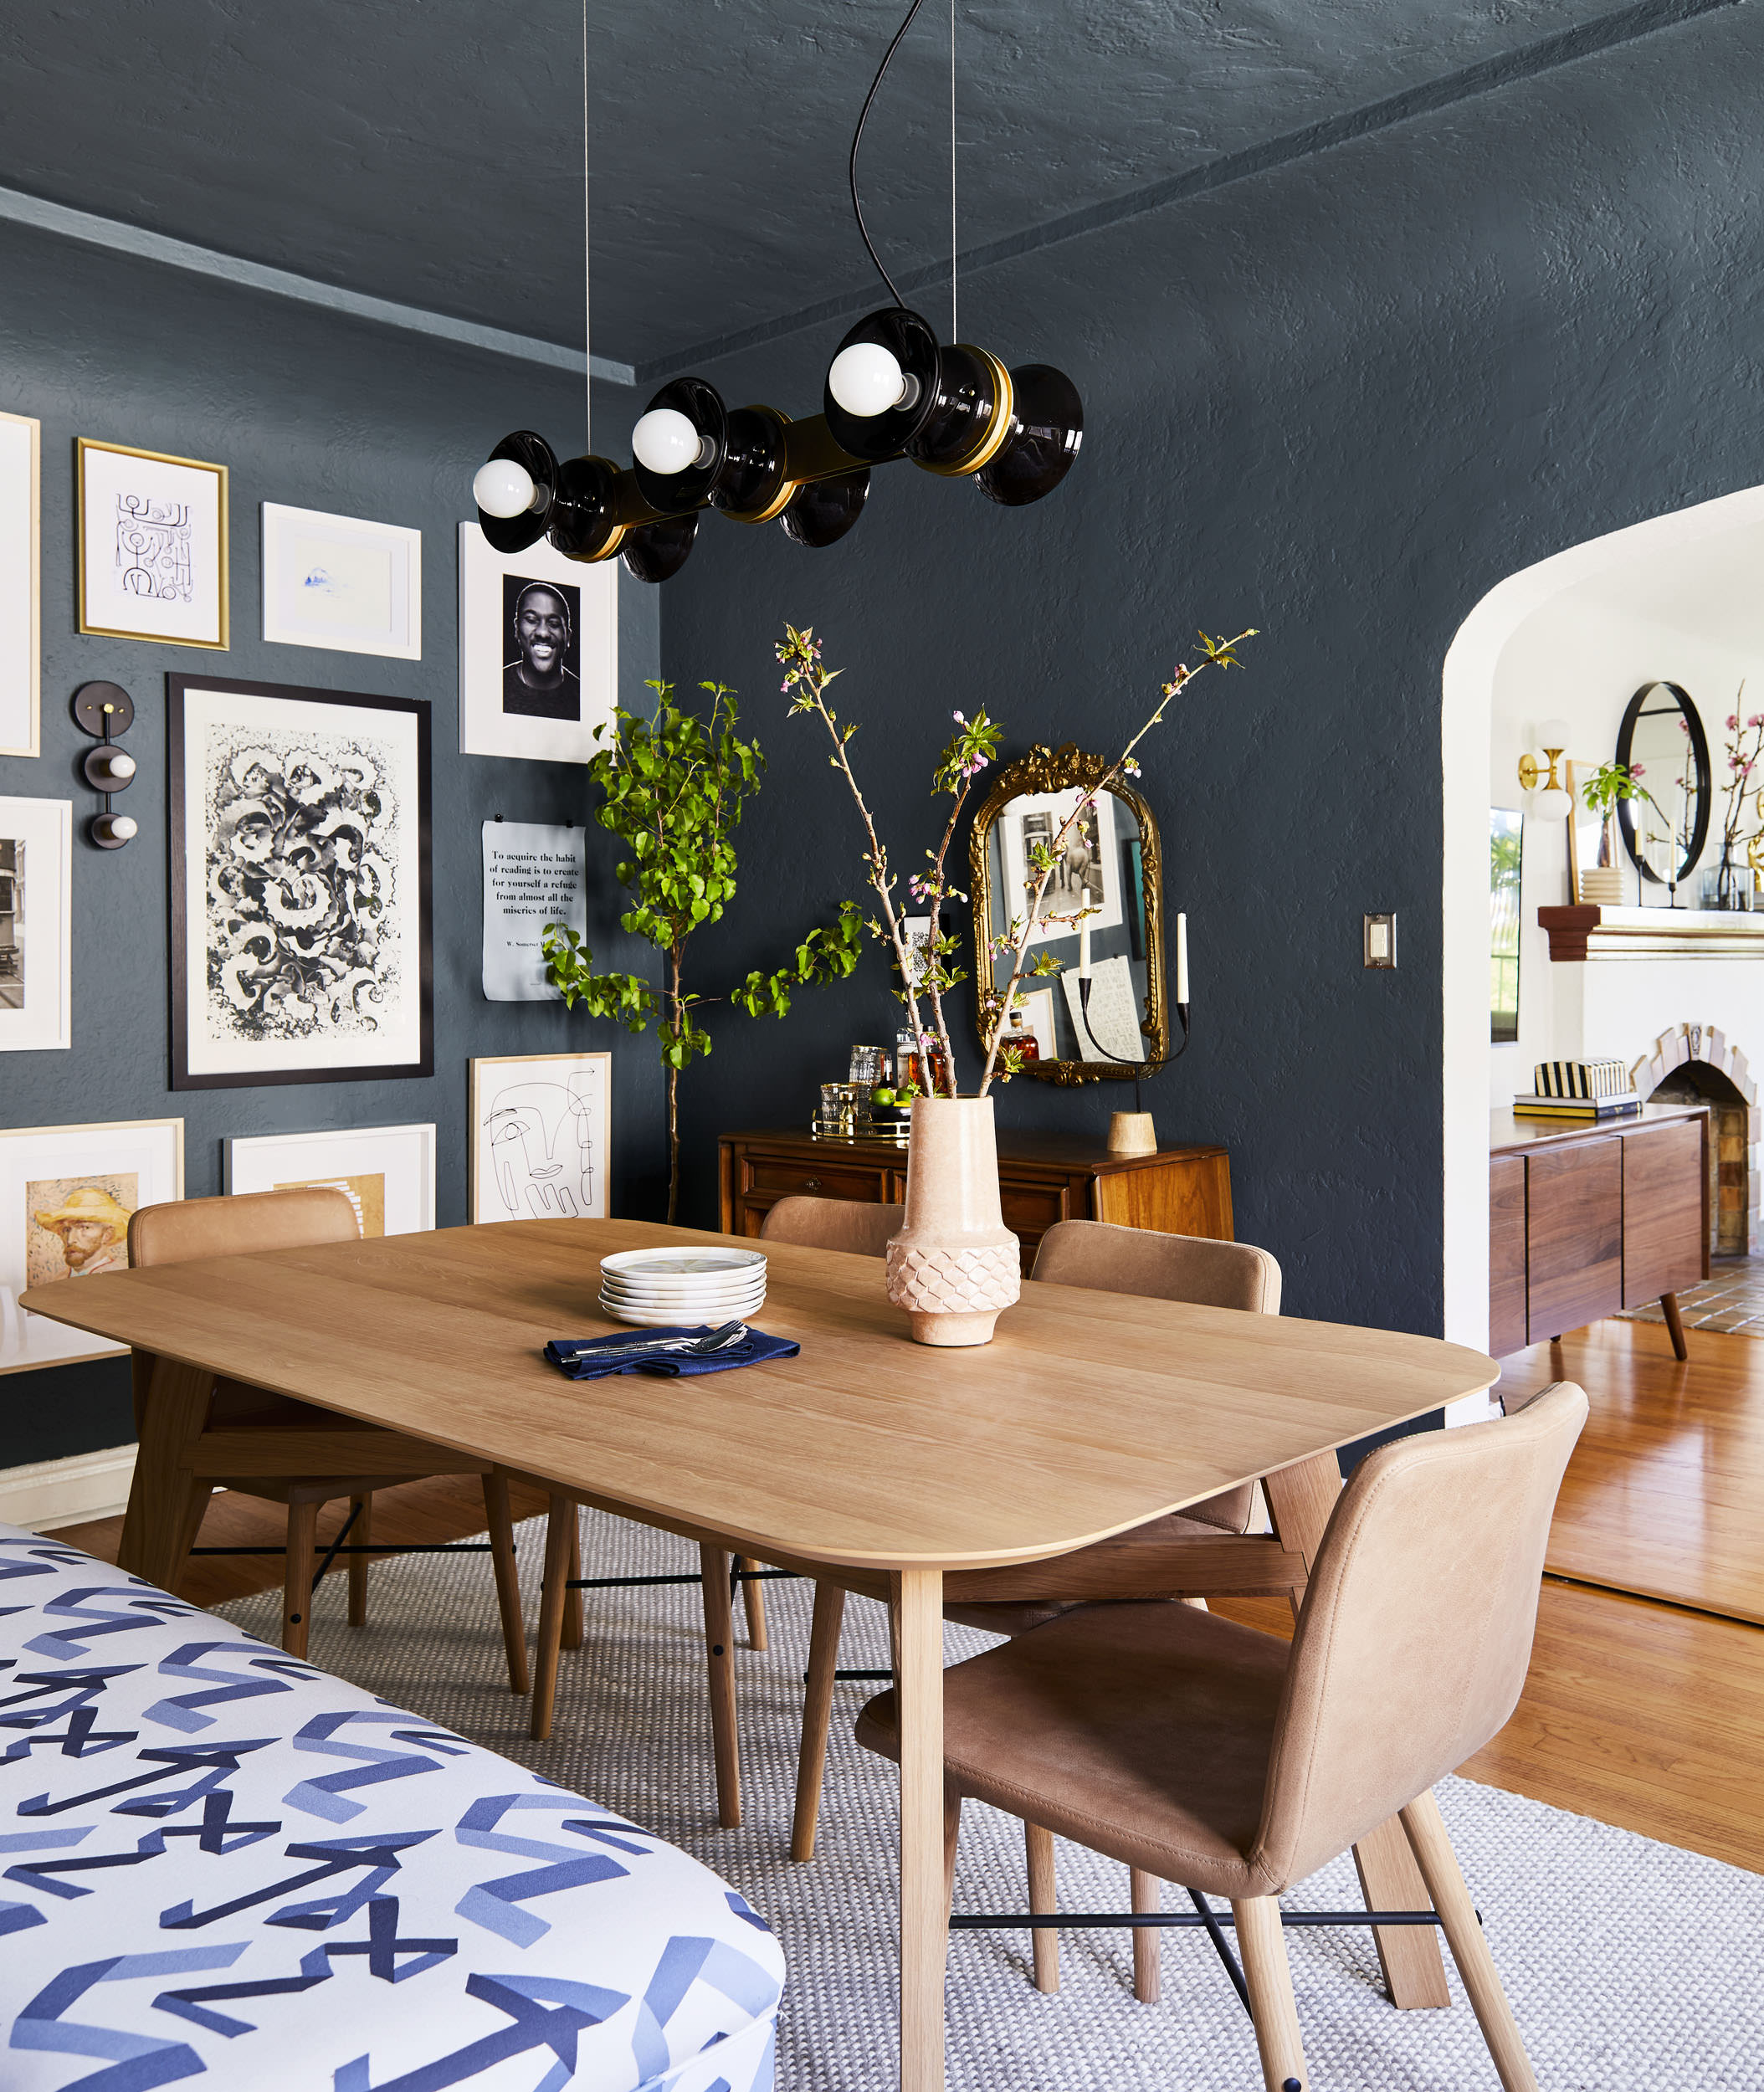 couleur sombre salle a manger table bois